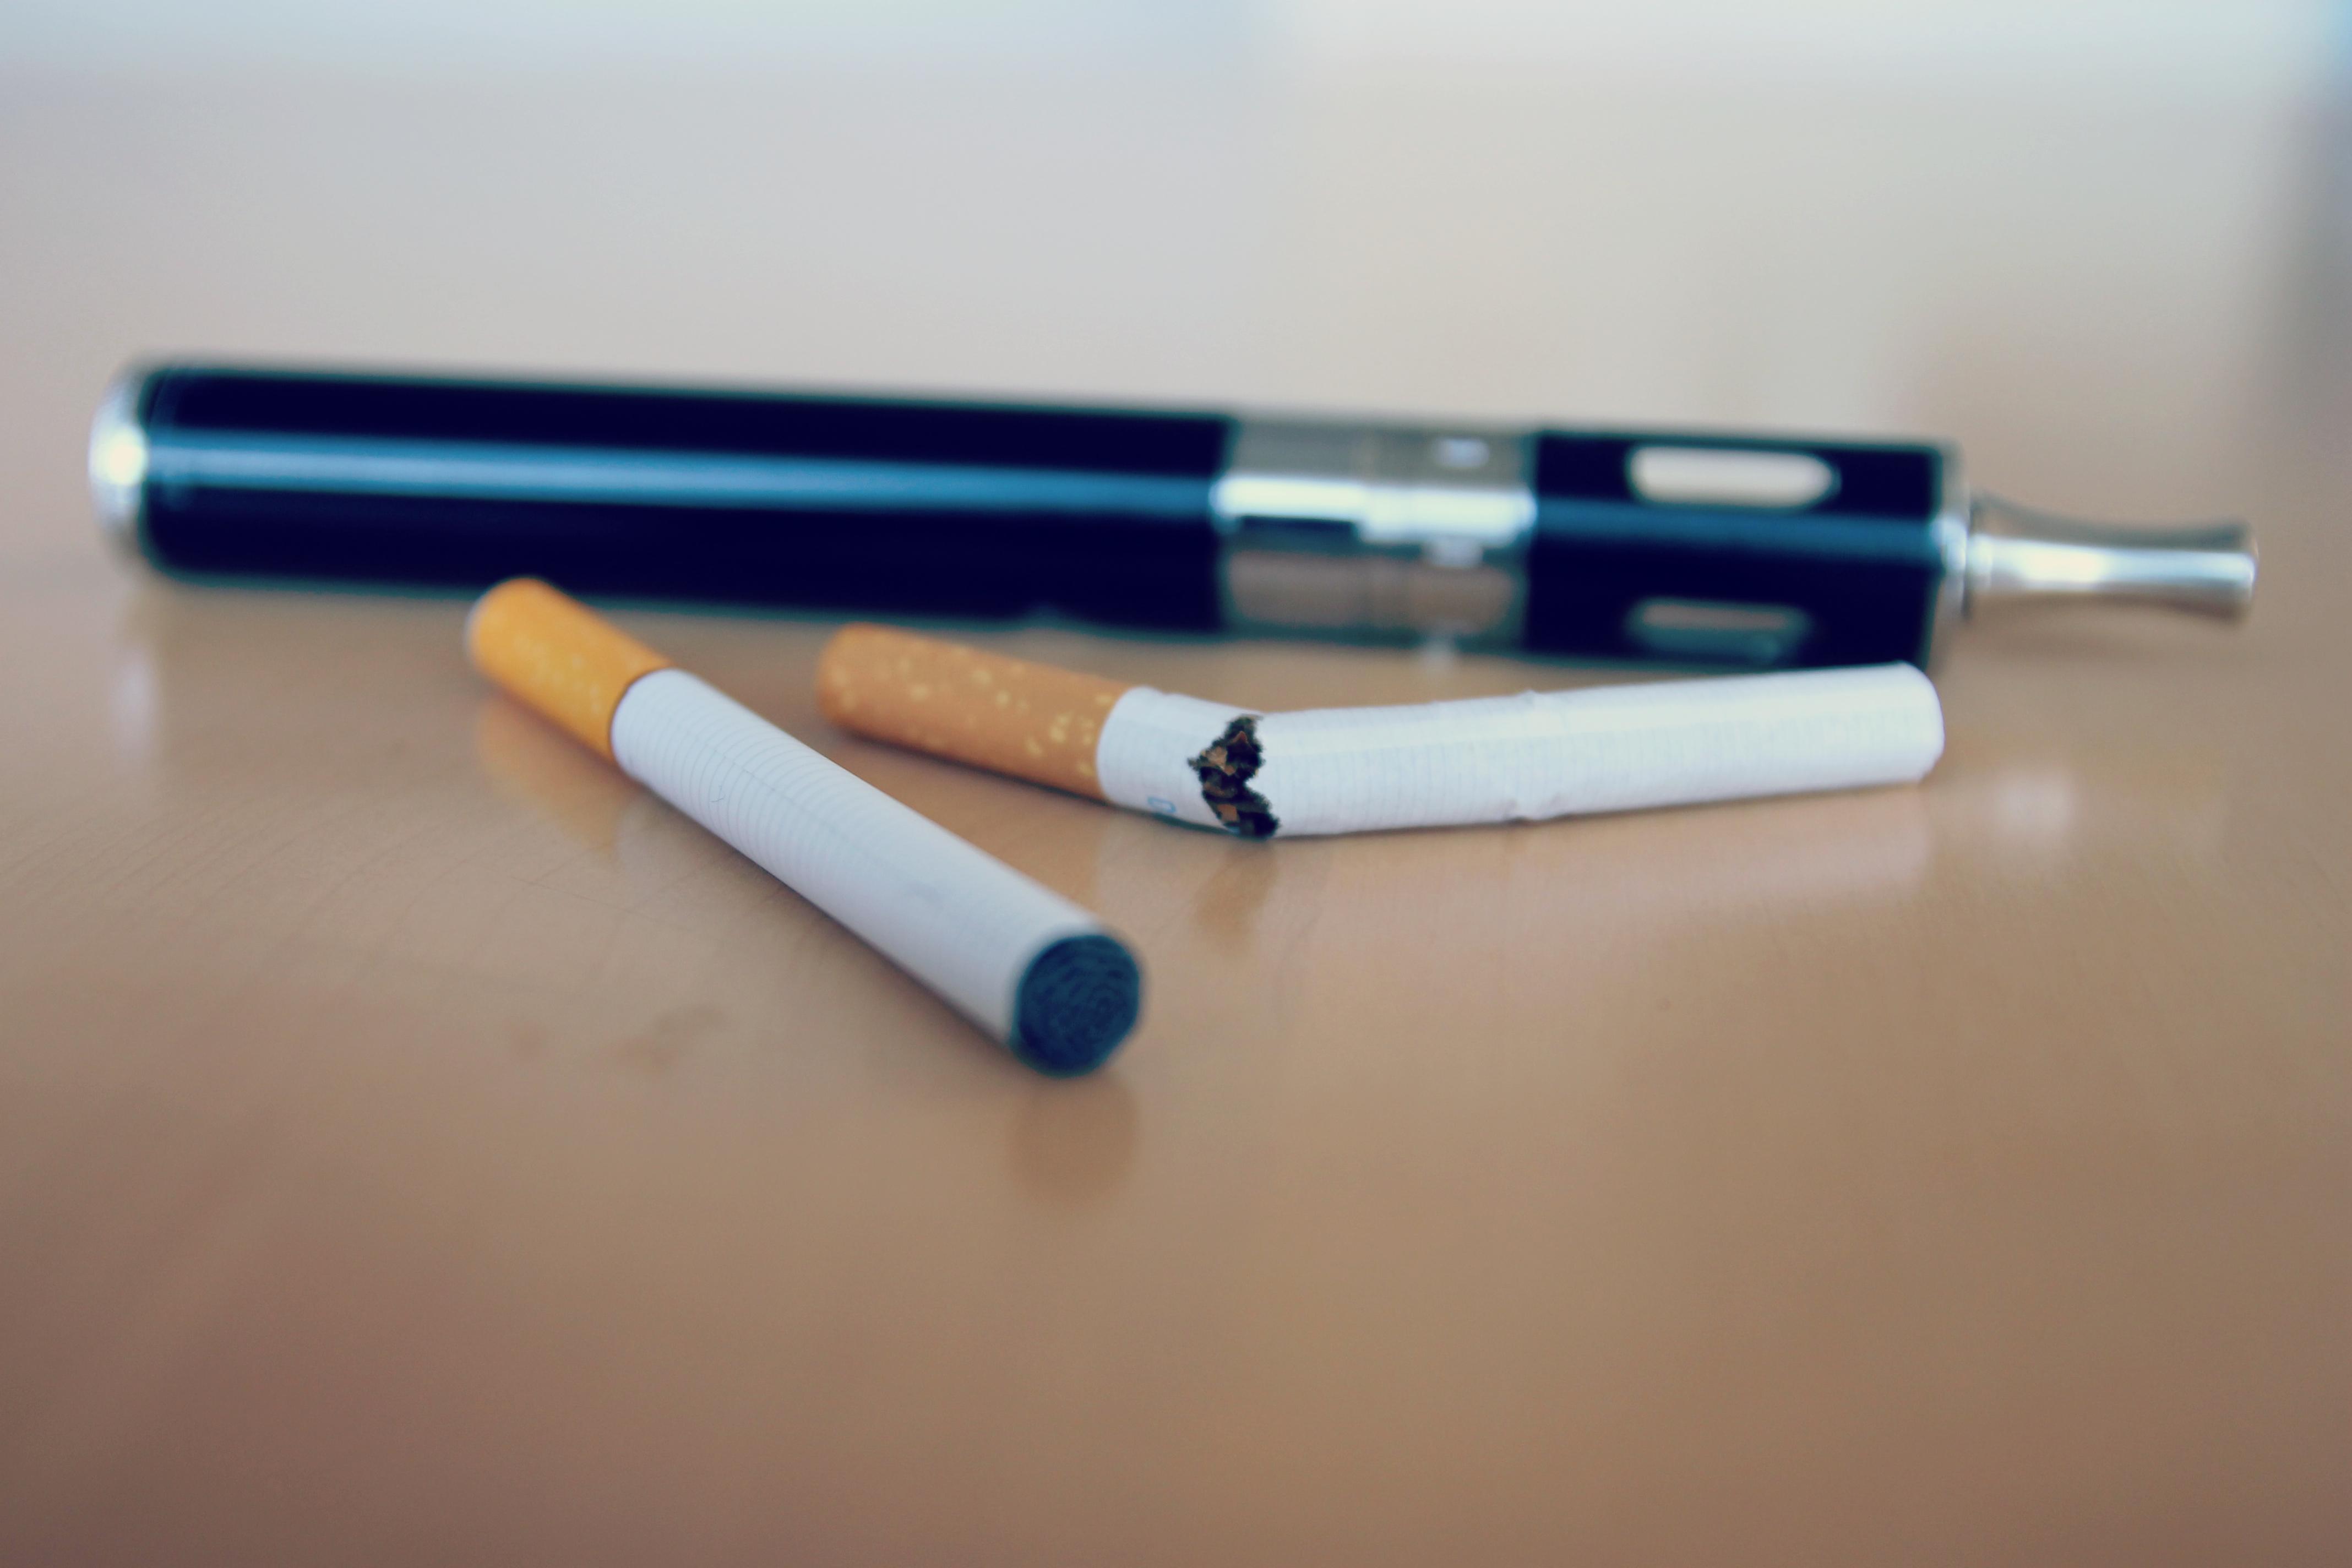 Vil du gerne stoppe med at ryge?